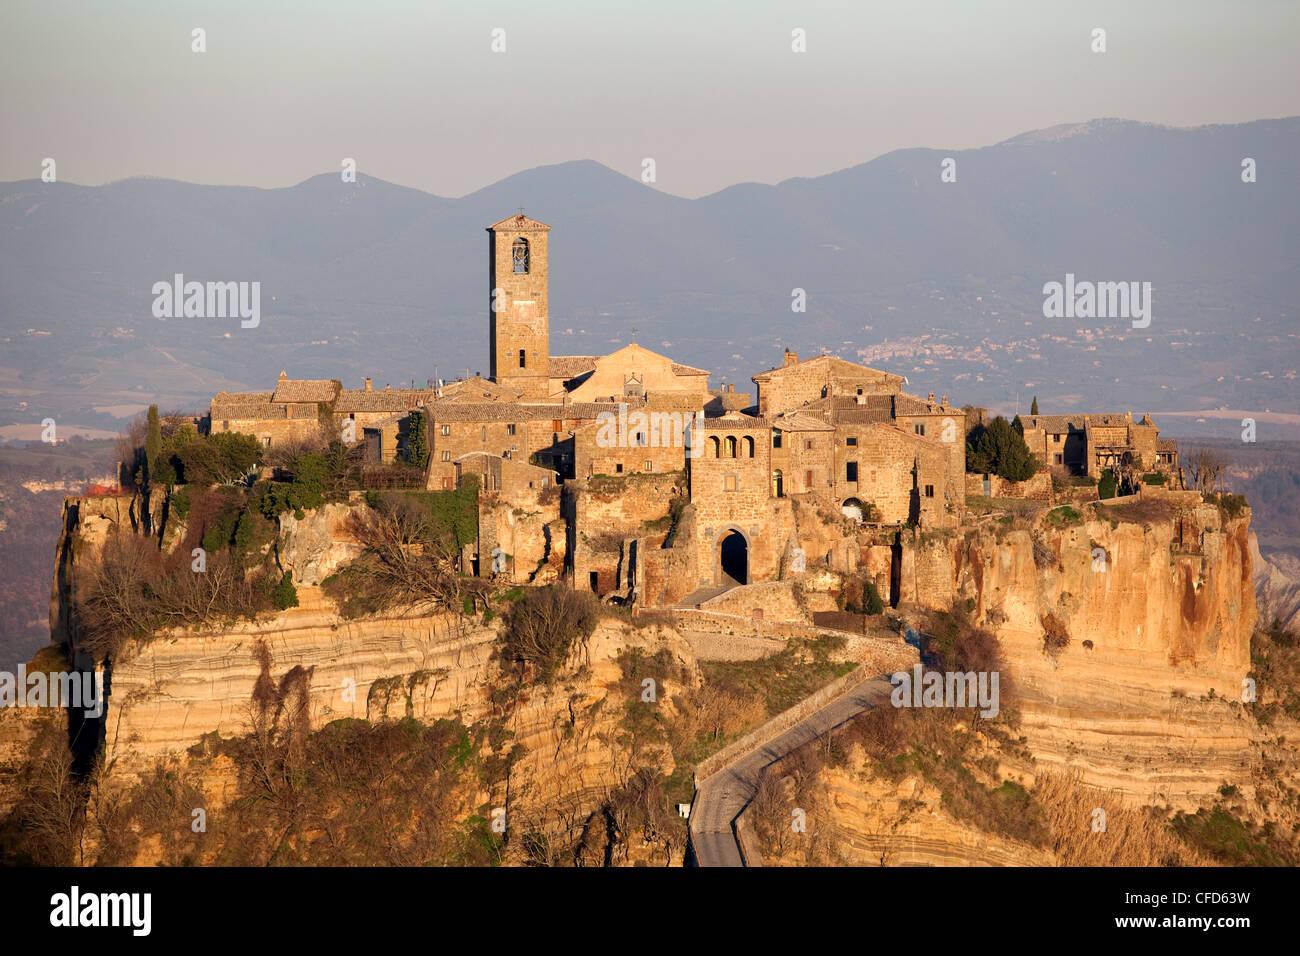 Civita di Bagnoreggio, ein einzigartiges Beispiel für ein Mittelalter City, Lazio, Italien, Europa Stockbild